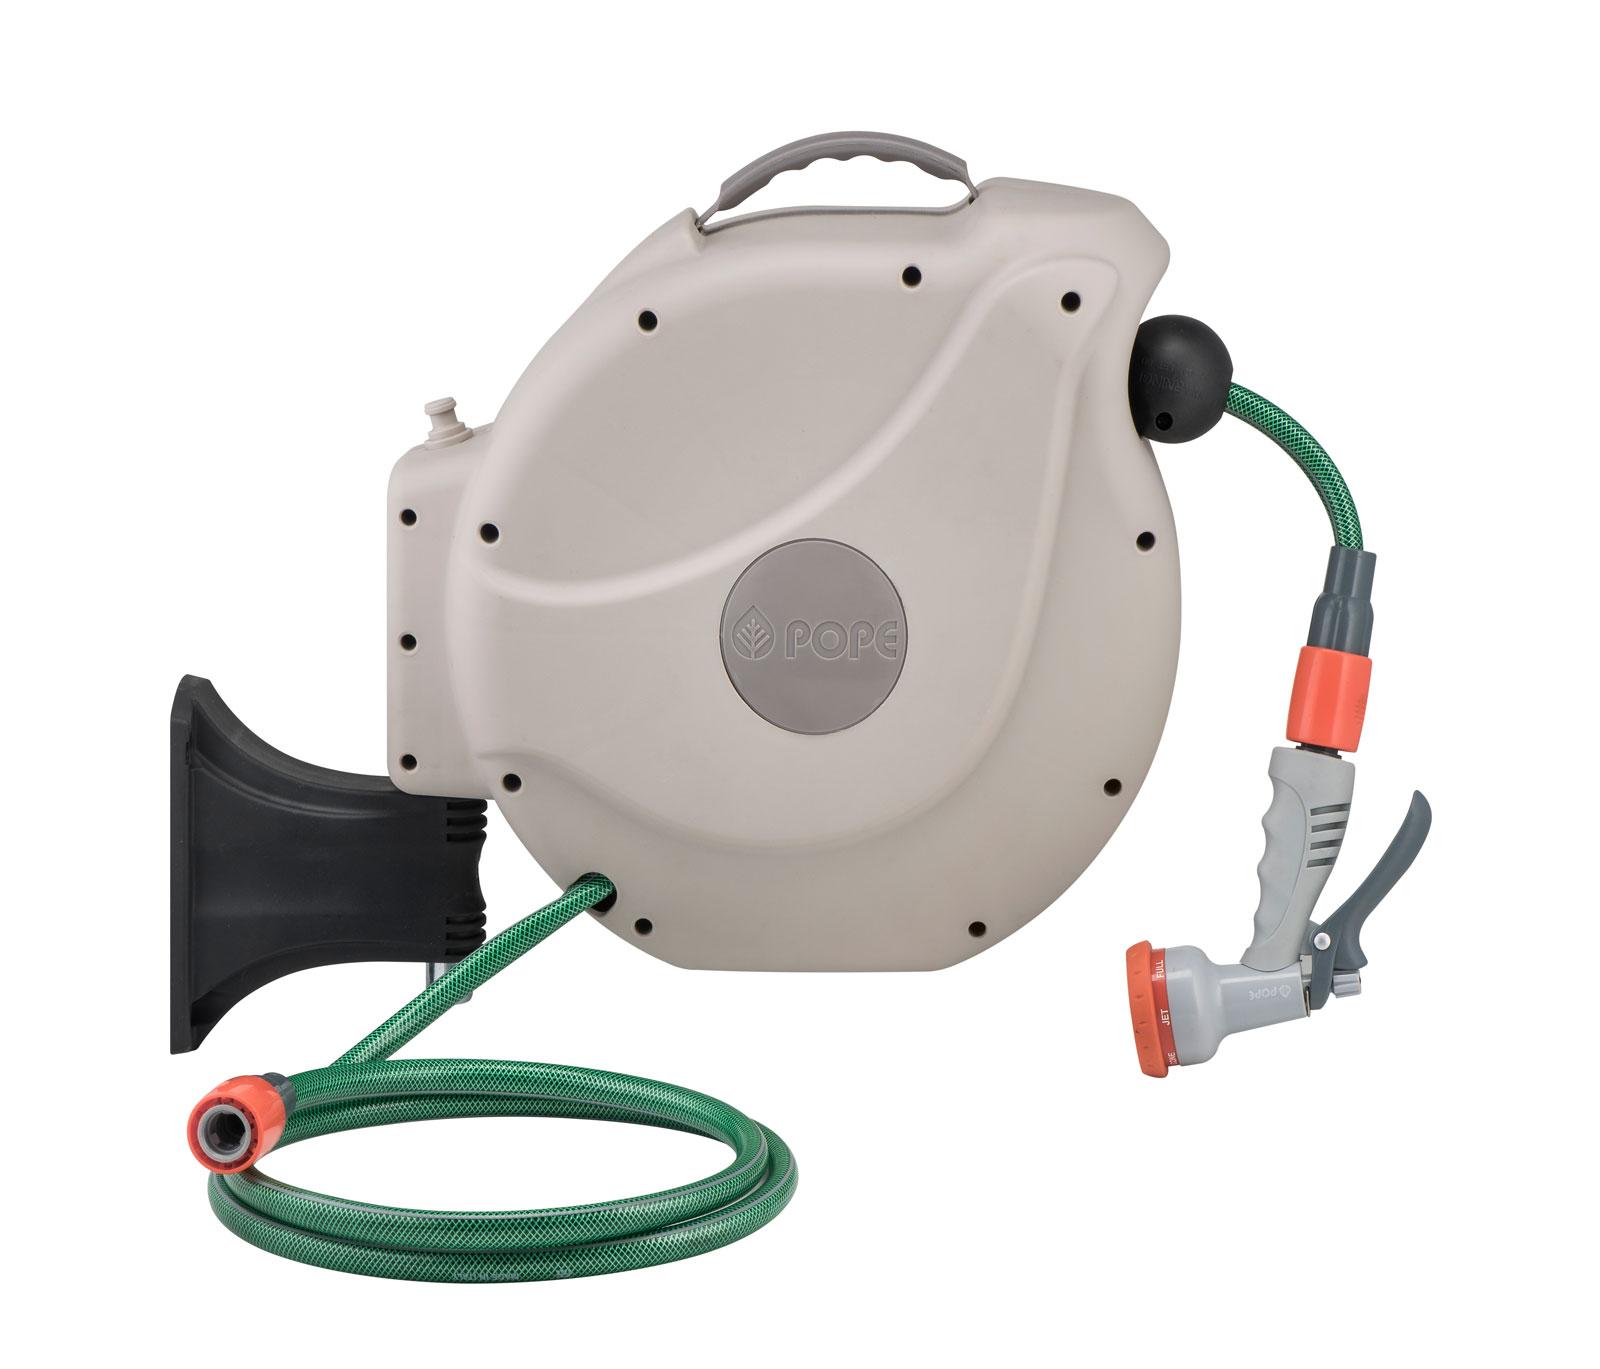 automatic retractable hose reel - Retractable Hose Reel